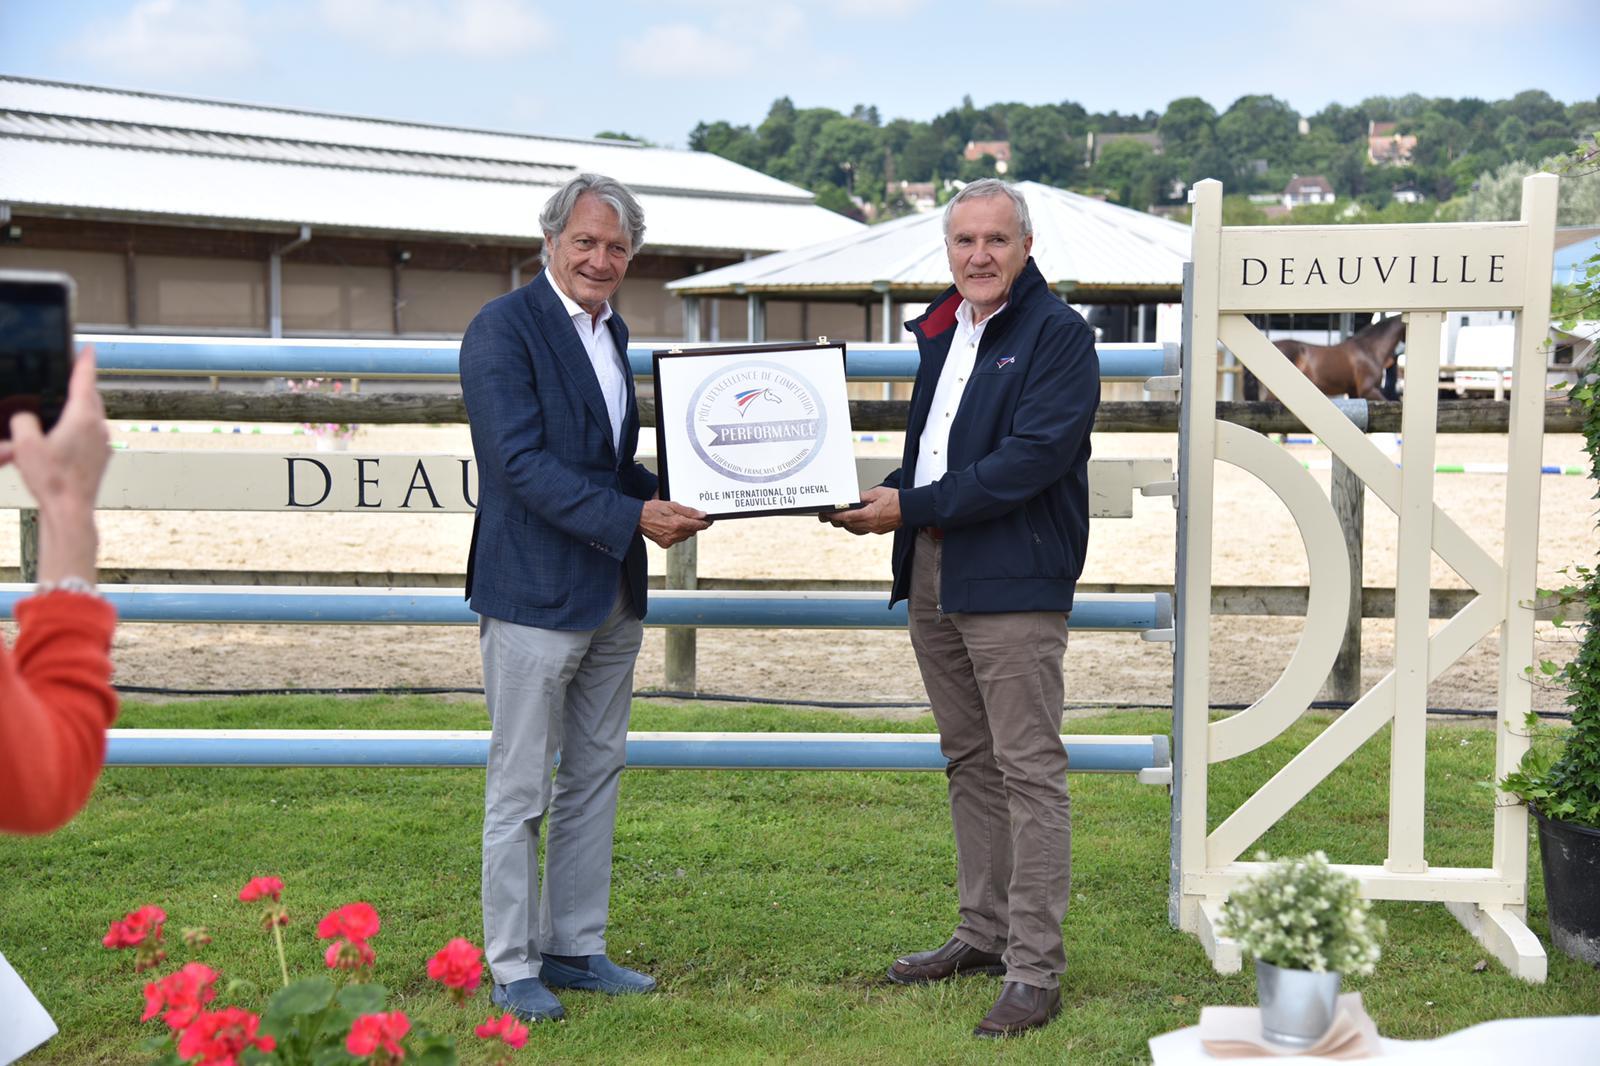 Le PIC de Deauville labellisé Pôle d'excellence de compétition équestre par la FFE